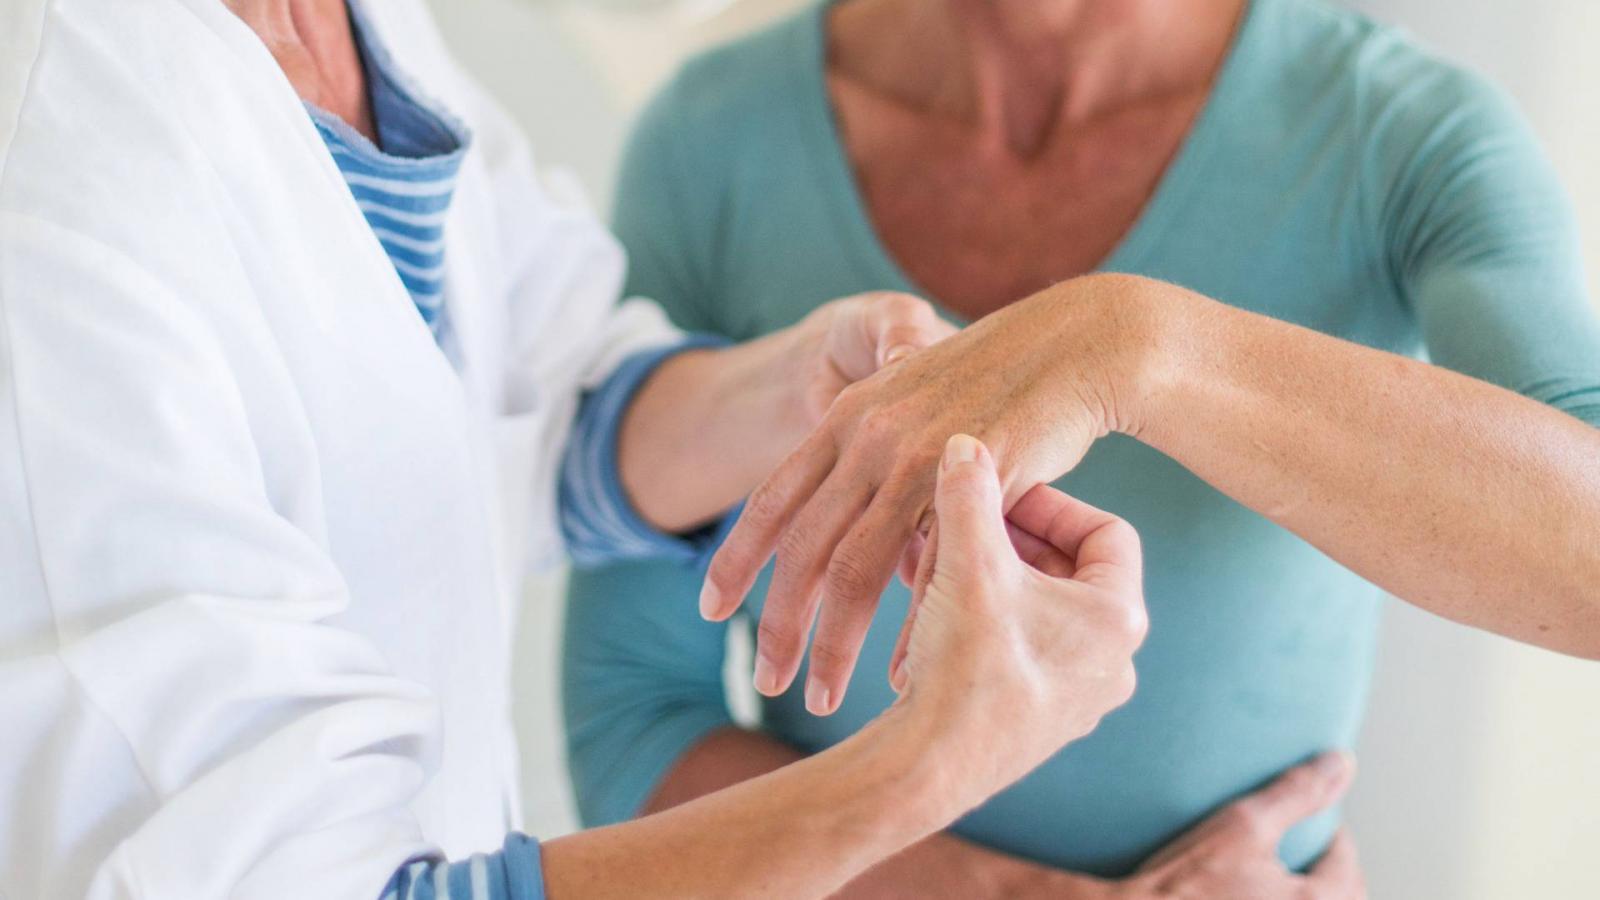 hogyan és hogyan kezeljük az ízületi gyulladást)